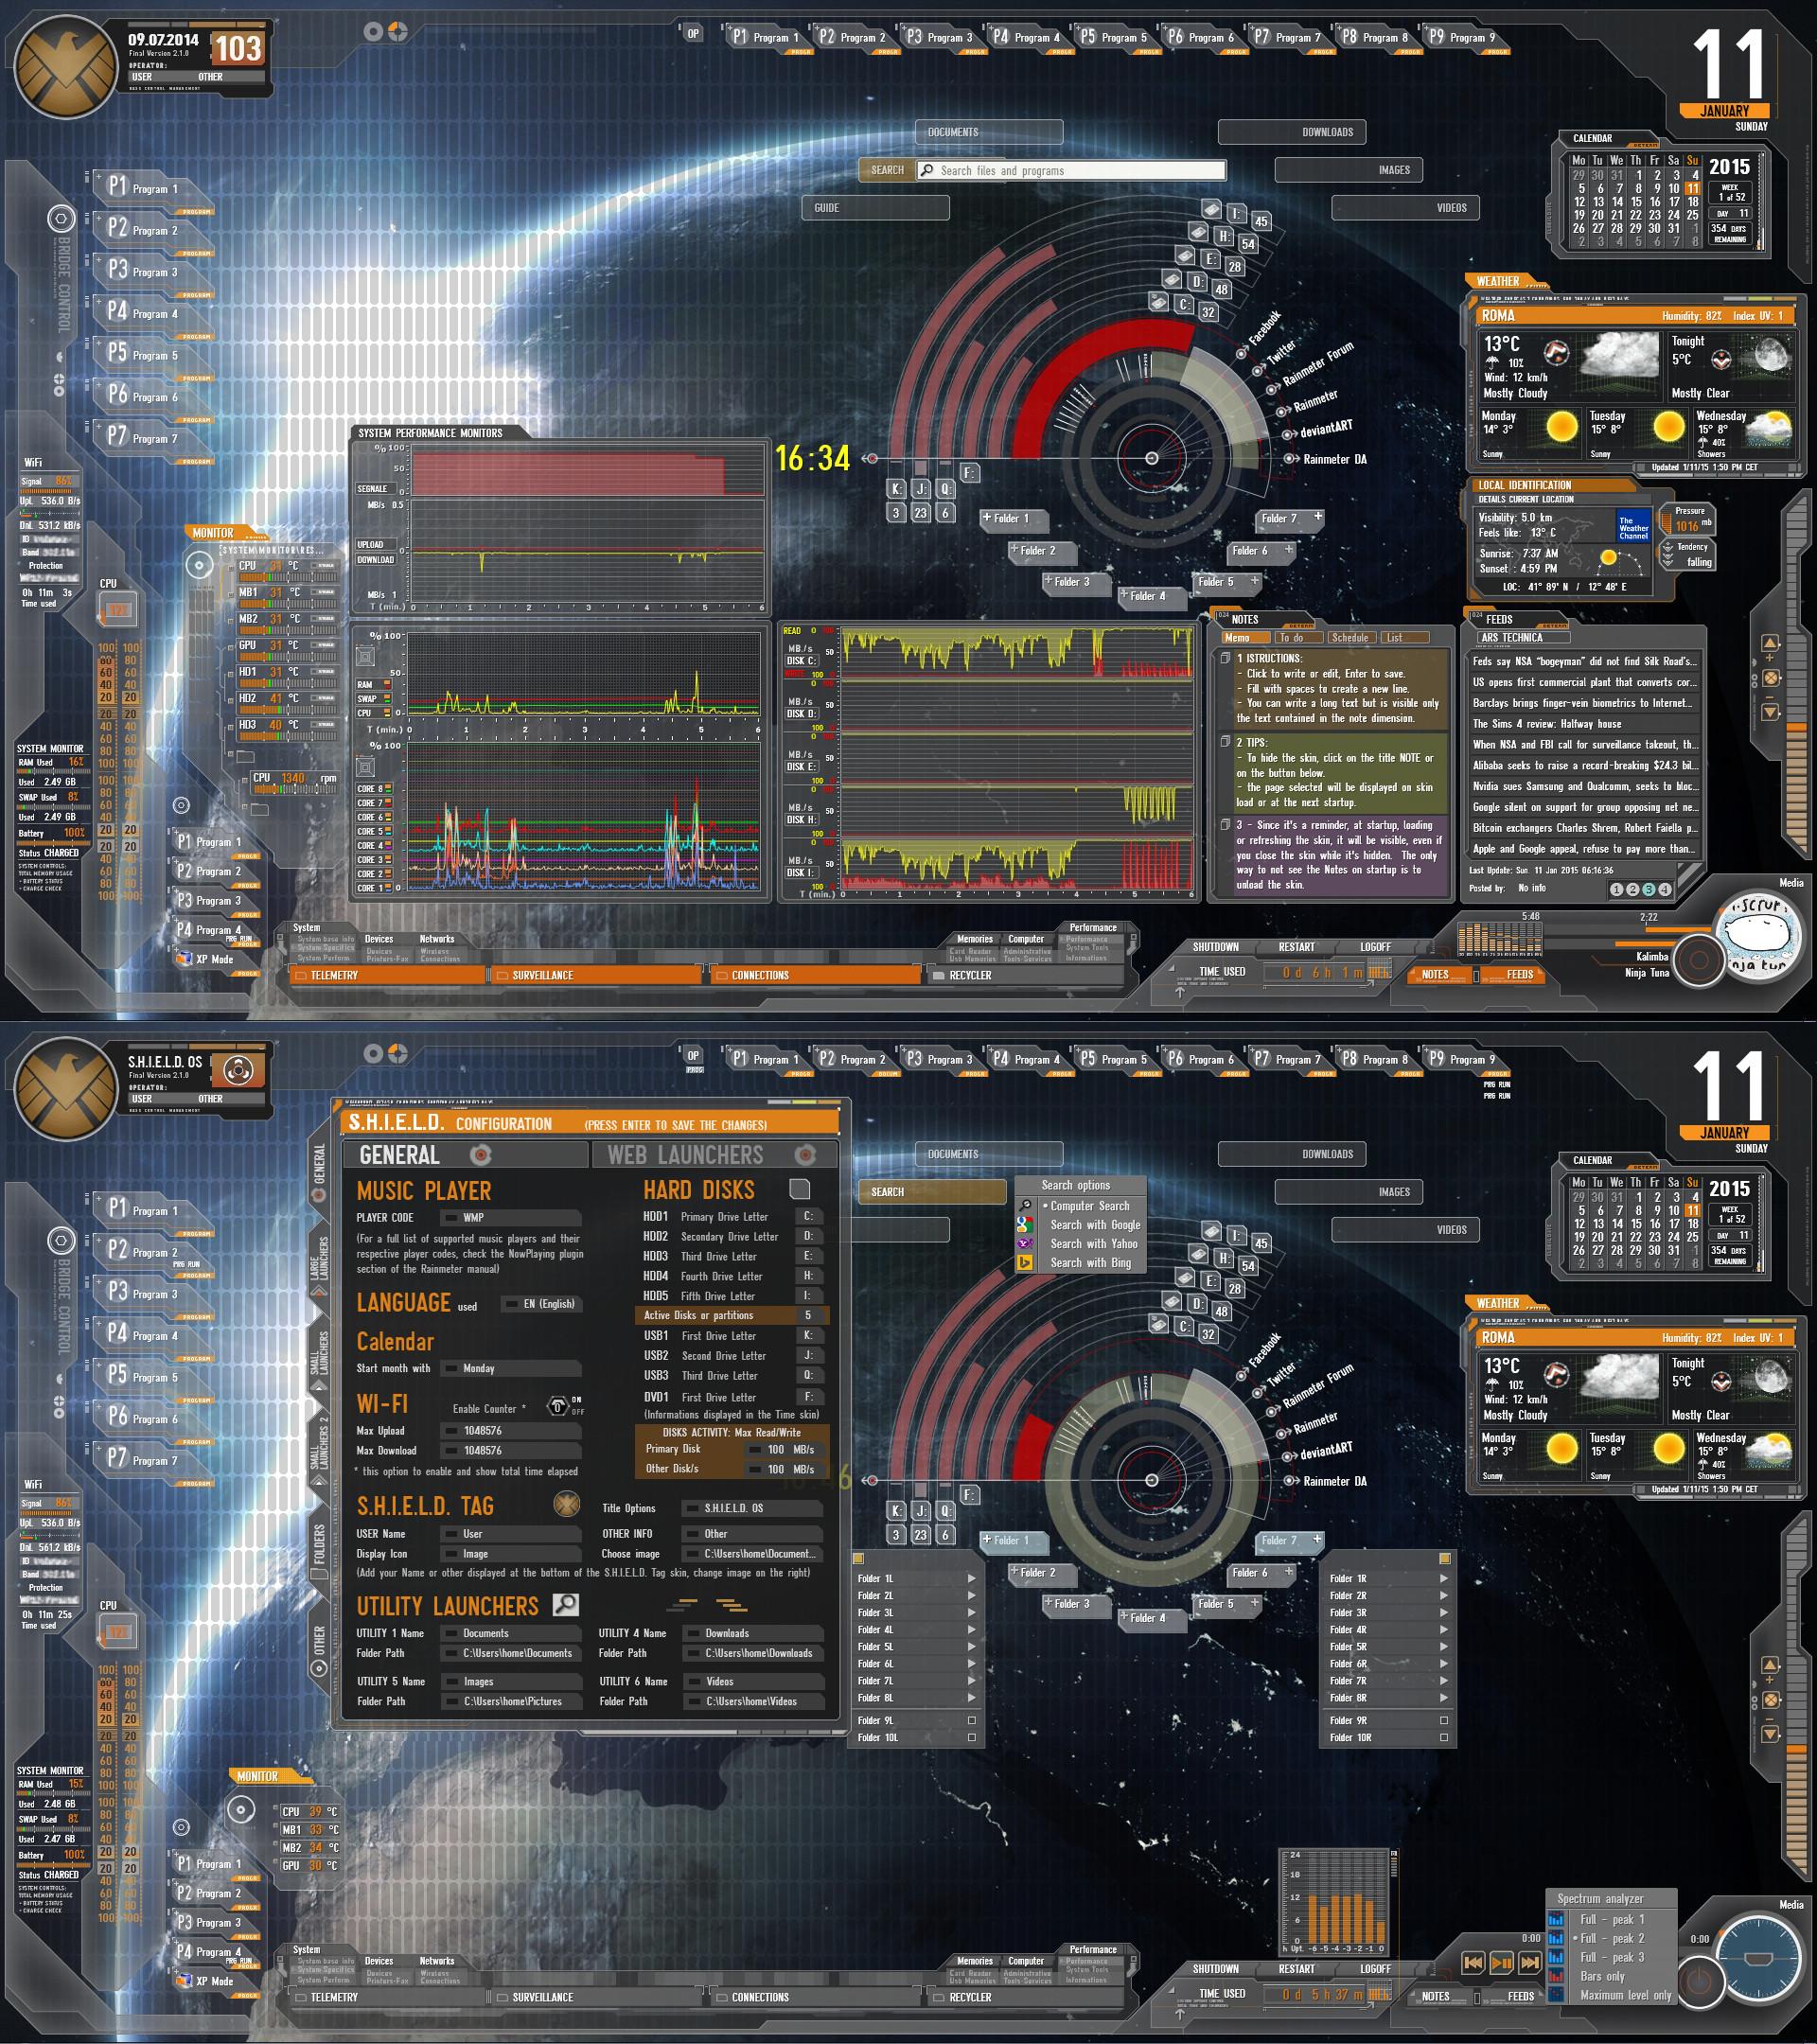 AVENGERS S.H.I.E.L.D. 2.1